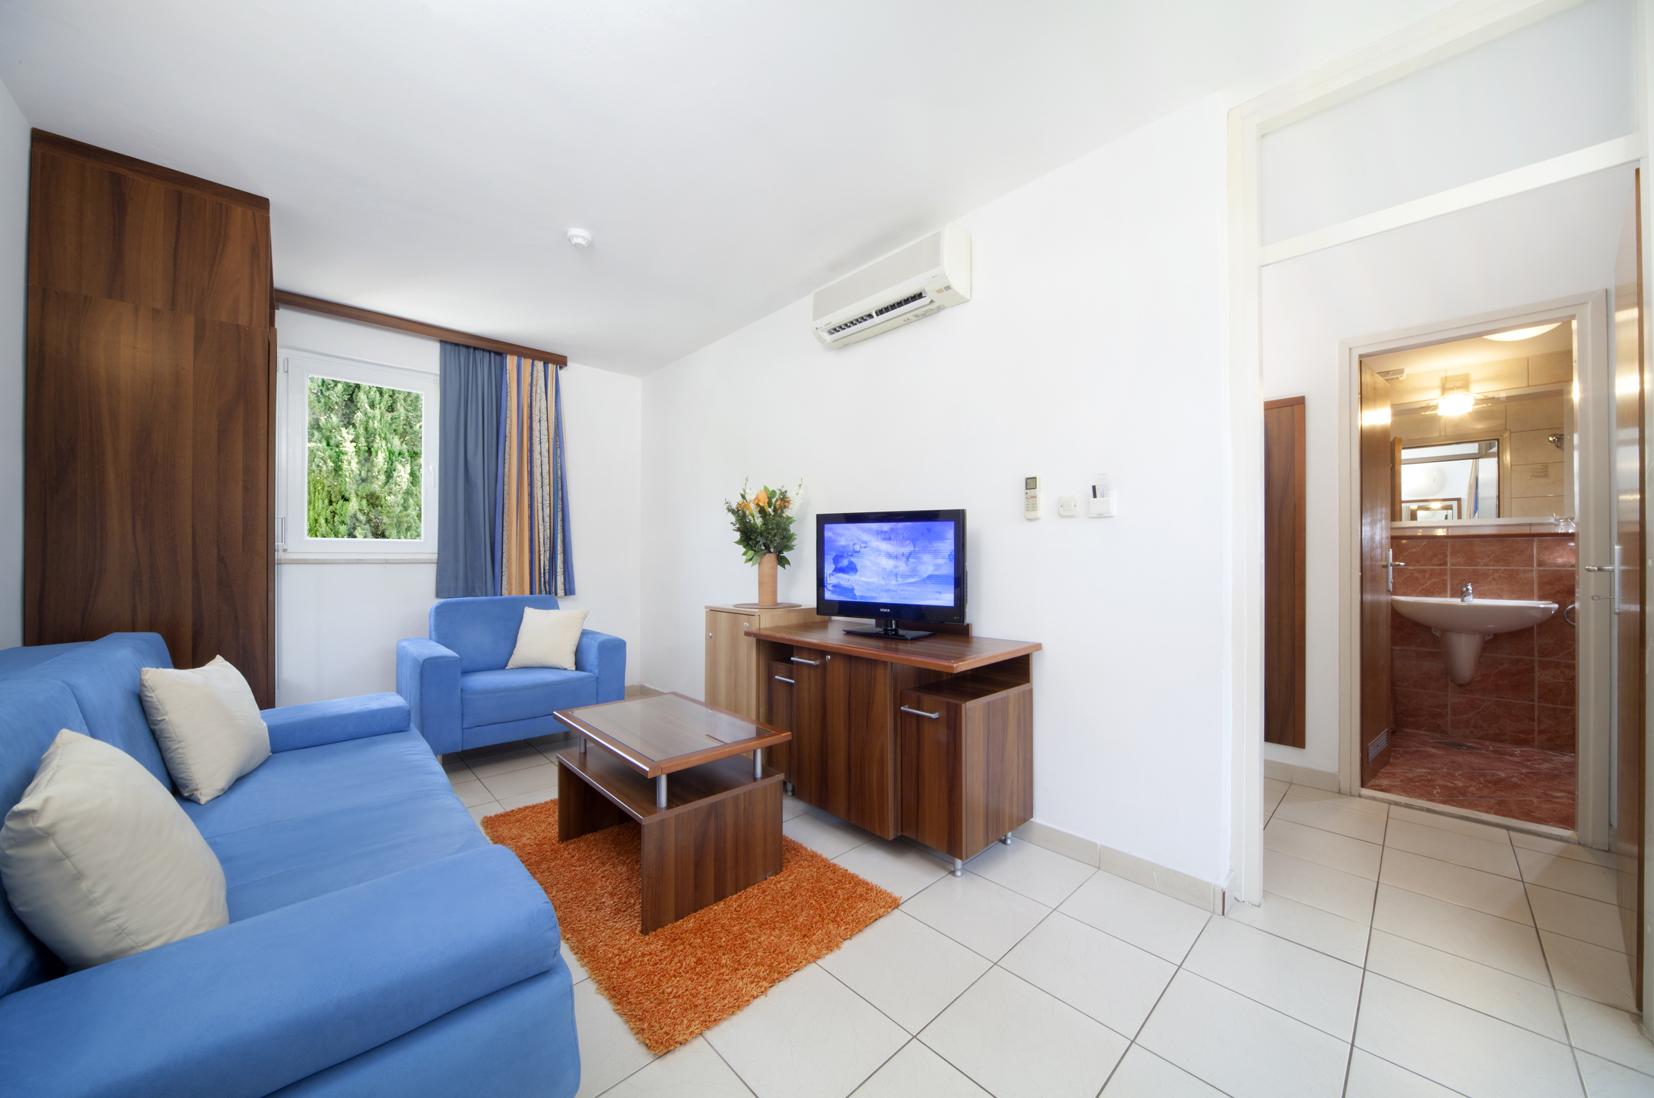 Borak_Family_Living_Room